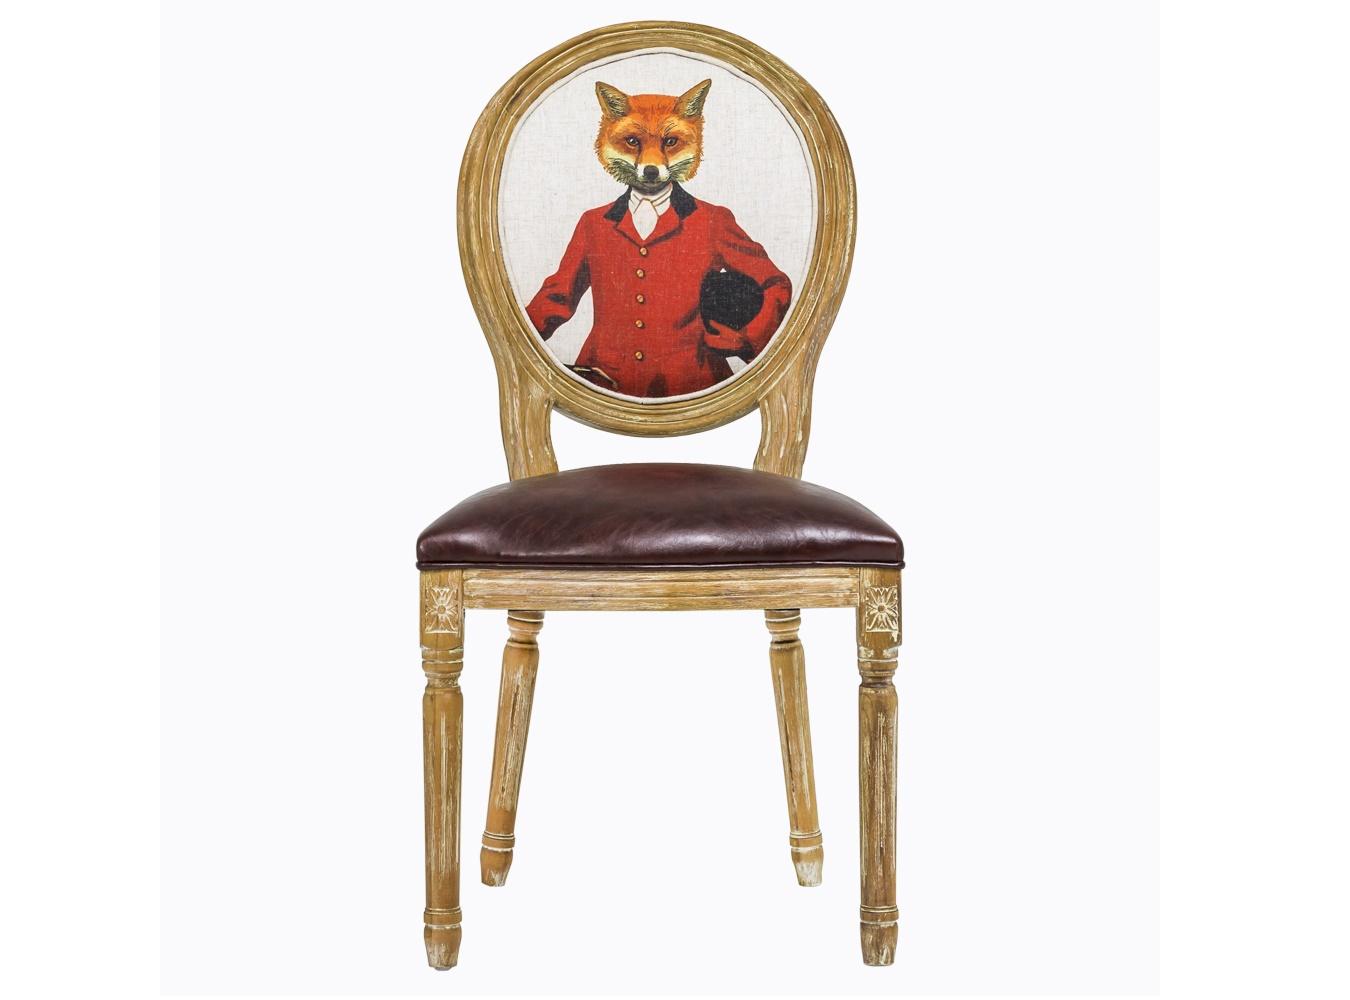 Стул «Мистер Лис»Обеденные стулья<br>&amp;lt;div&amp;gt;Прекрасный стул ручной работы мог бы стать стандартной винтажной вещицей. Но как бы не так! Его спинку-медальон украшает изображение лихого жокея с… лисьей мордочкой. Исторический костюм и горделивая осанка выдают в нем личность чистых кровей. А в хозяине этой мебели – отличный вкус, чувство юмора и любовь к эклектике. Умело смешанные французский шик и ультрасовременный поп-арт и являют это мебельное чудо. Каркас и ножки изготовлены из цельной древесины с тонкой резьбой. Обивка сиденья выполнена из практичной эко-кожи.&amp;lt;/div&amp;gt;<br><br>Material: Кожа<br>Length см: 50<br>Width см: 57<br>Height см: 98